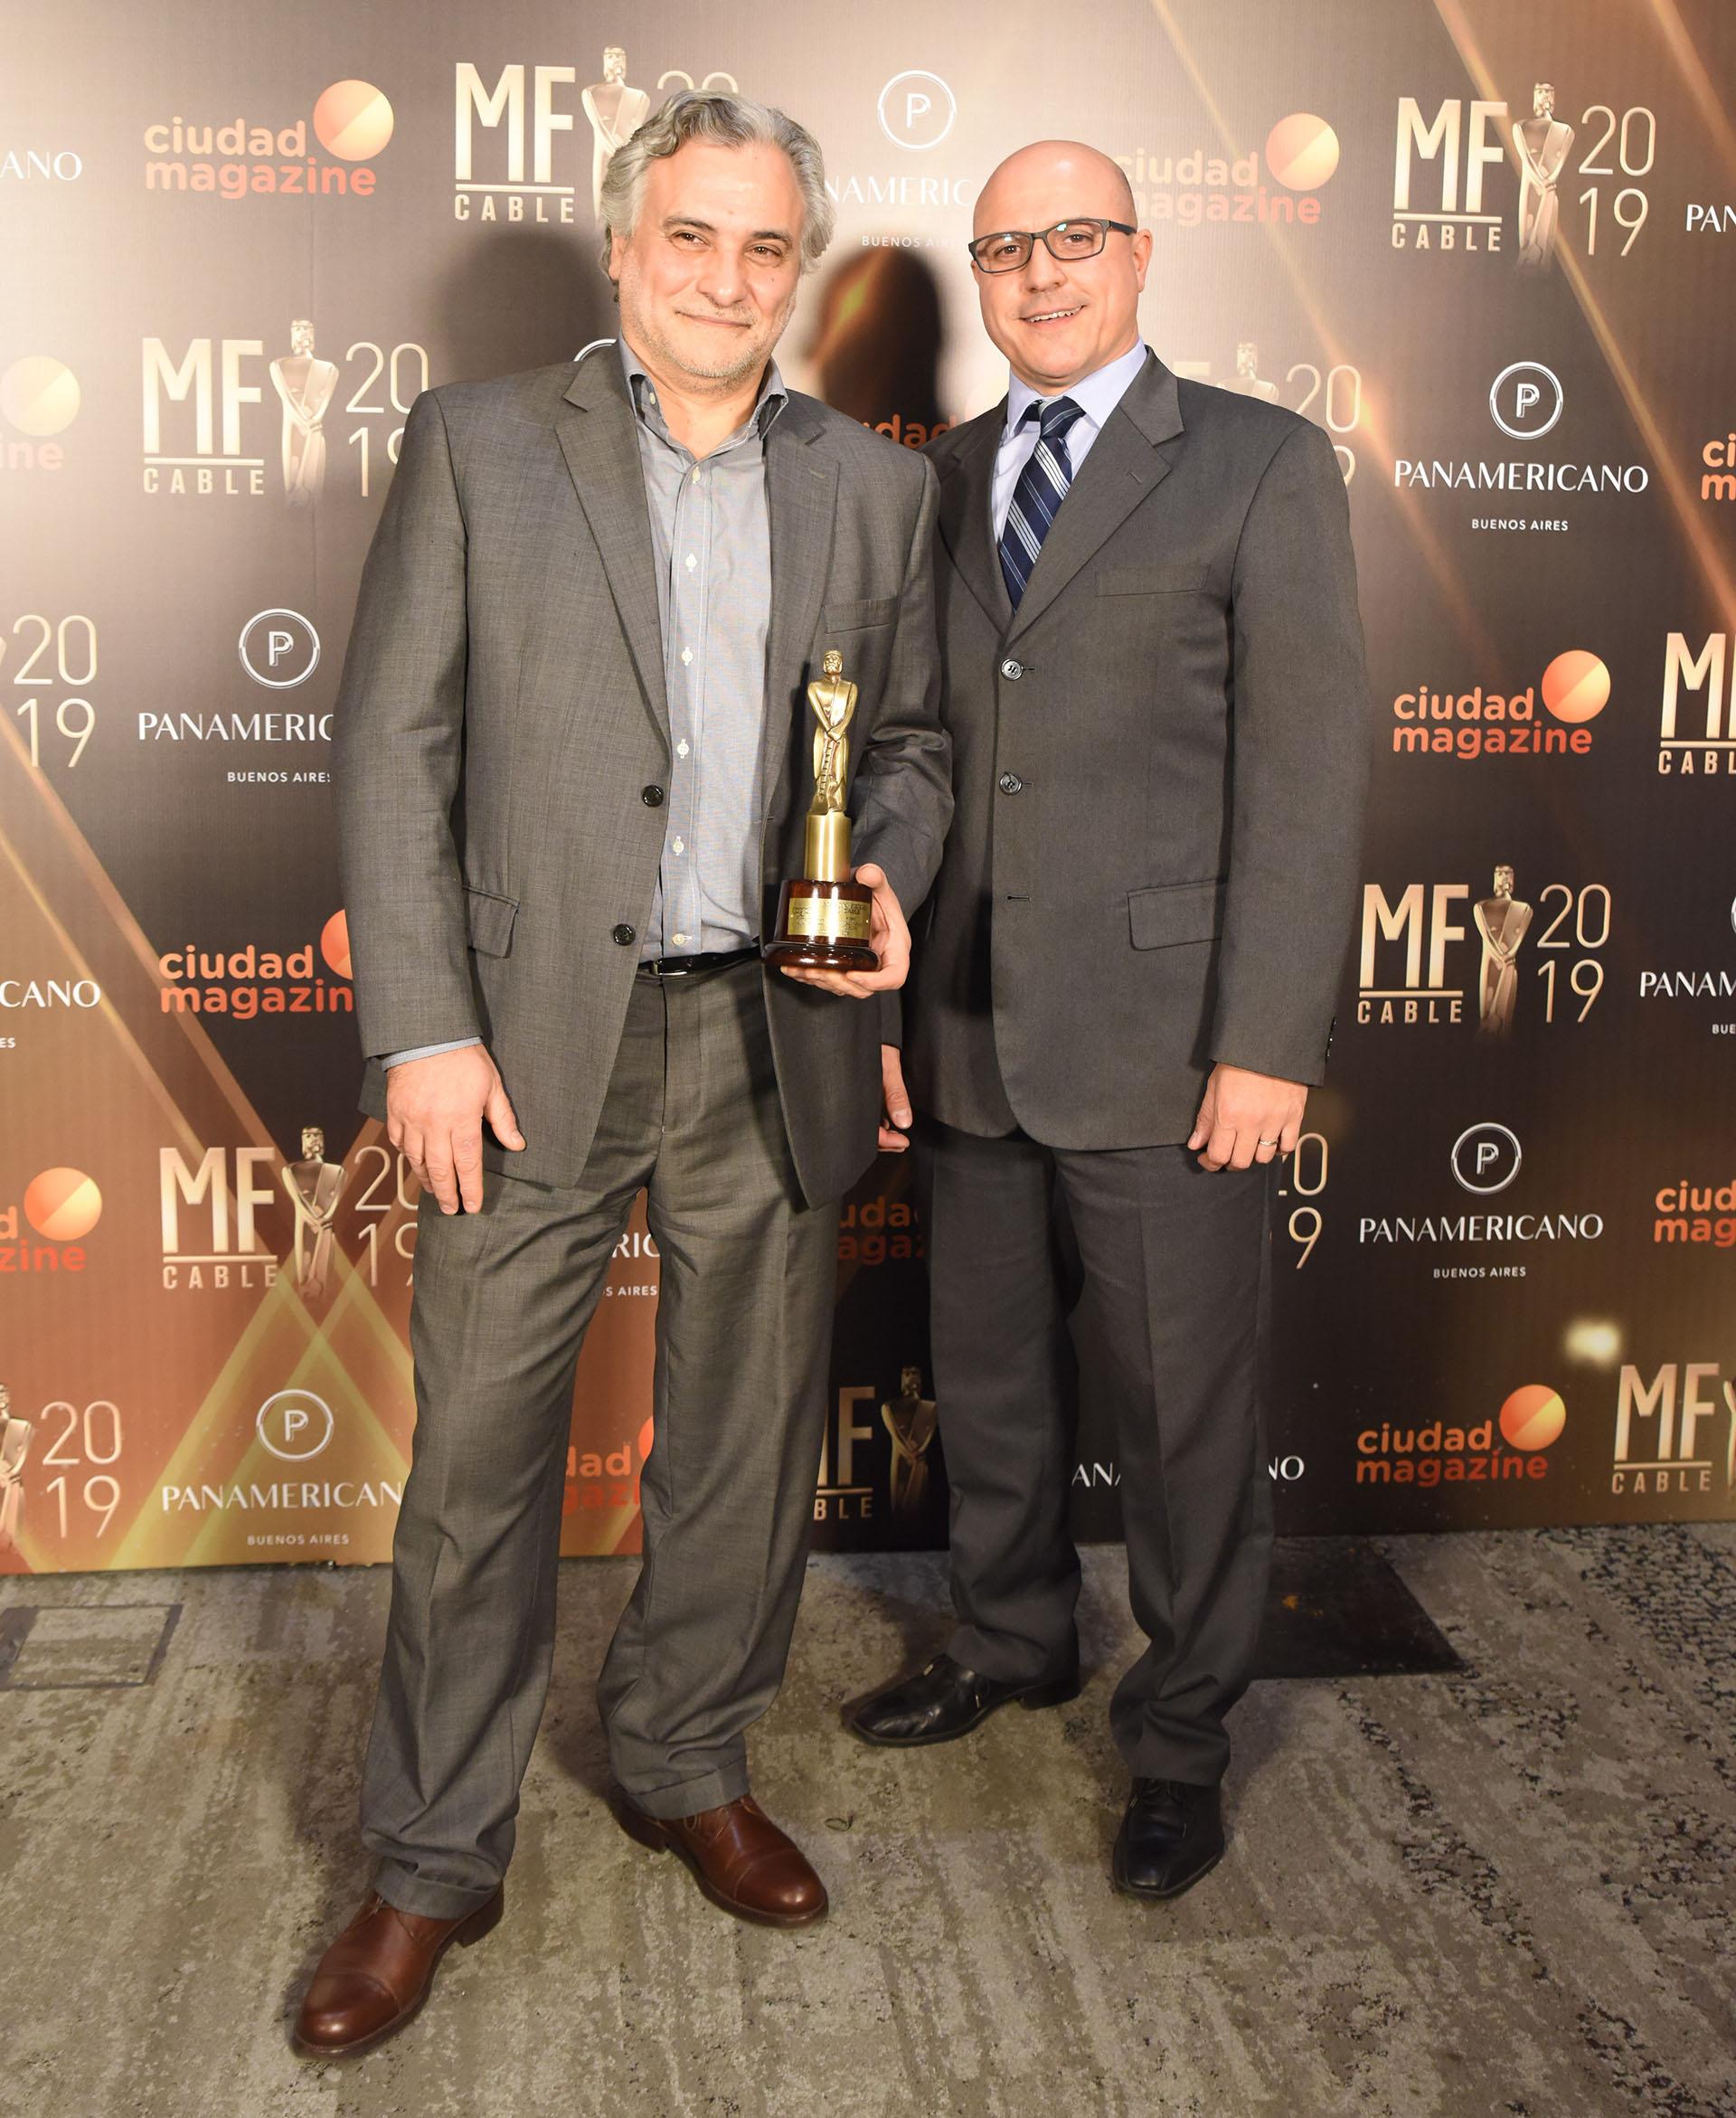 Eduardo Cura, director del Canal de la Ciudad, y Mauricio Monte, gerente de contenidos periodísticos de la emisora